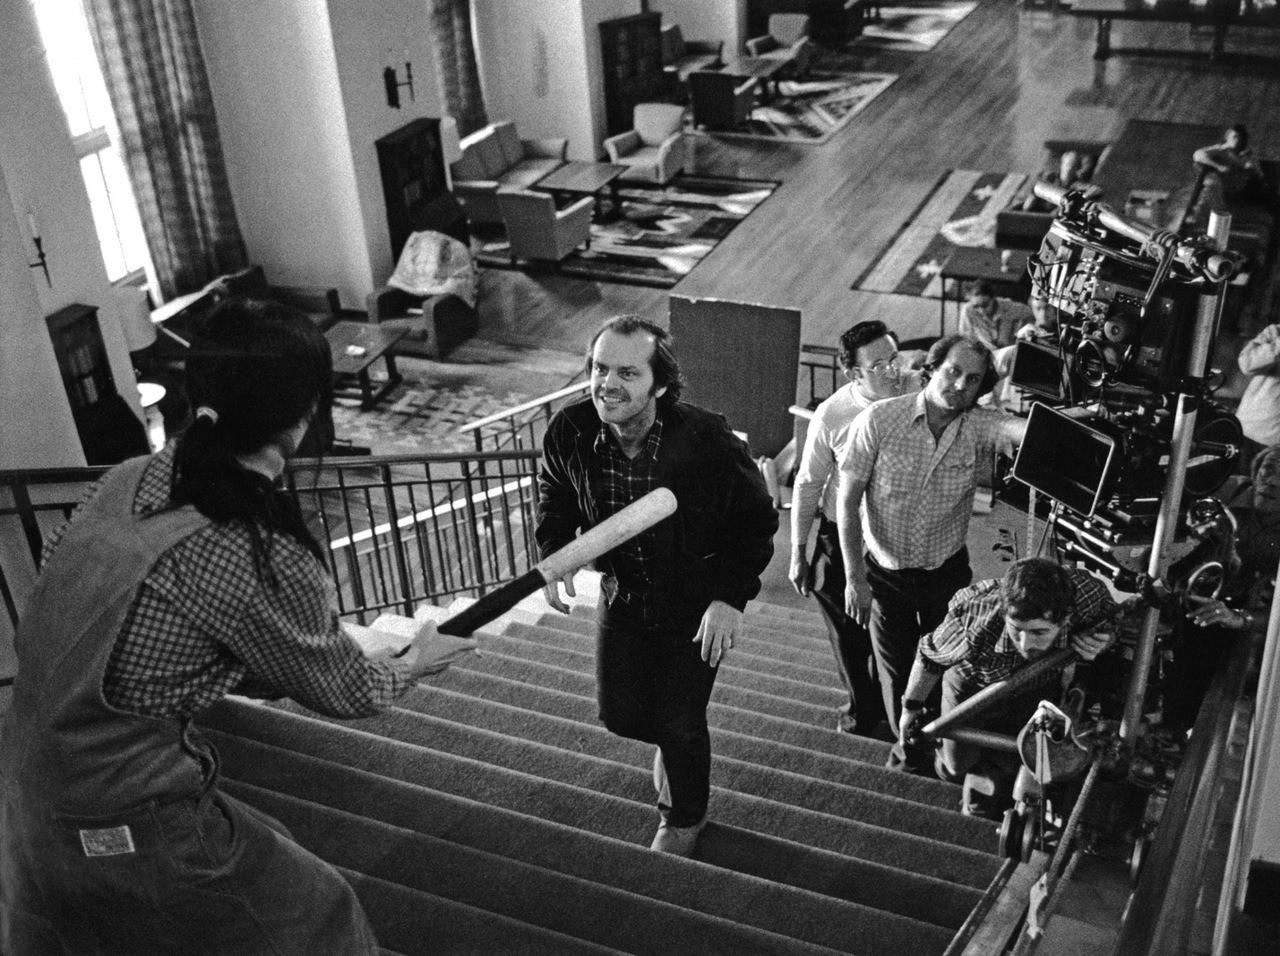 Сцена на лестнице с Джеком Николсоном и Шелли Дюваль в фильме «Сияние», 1980